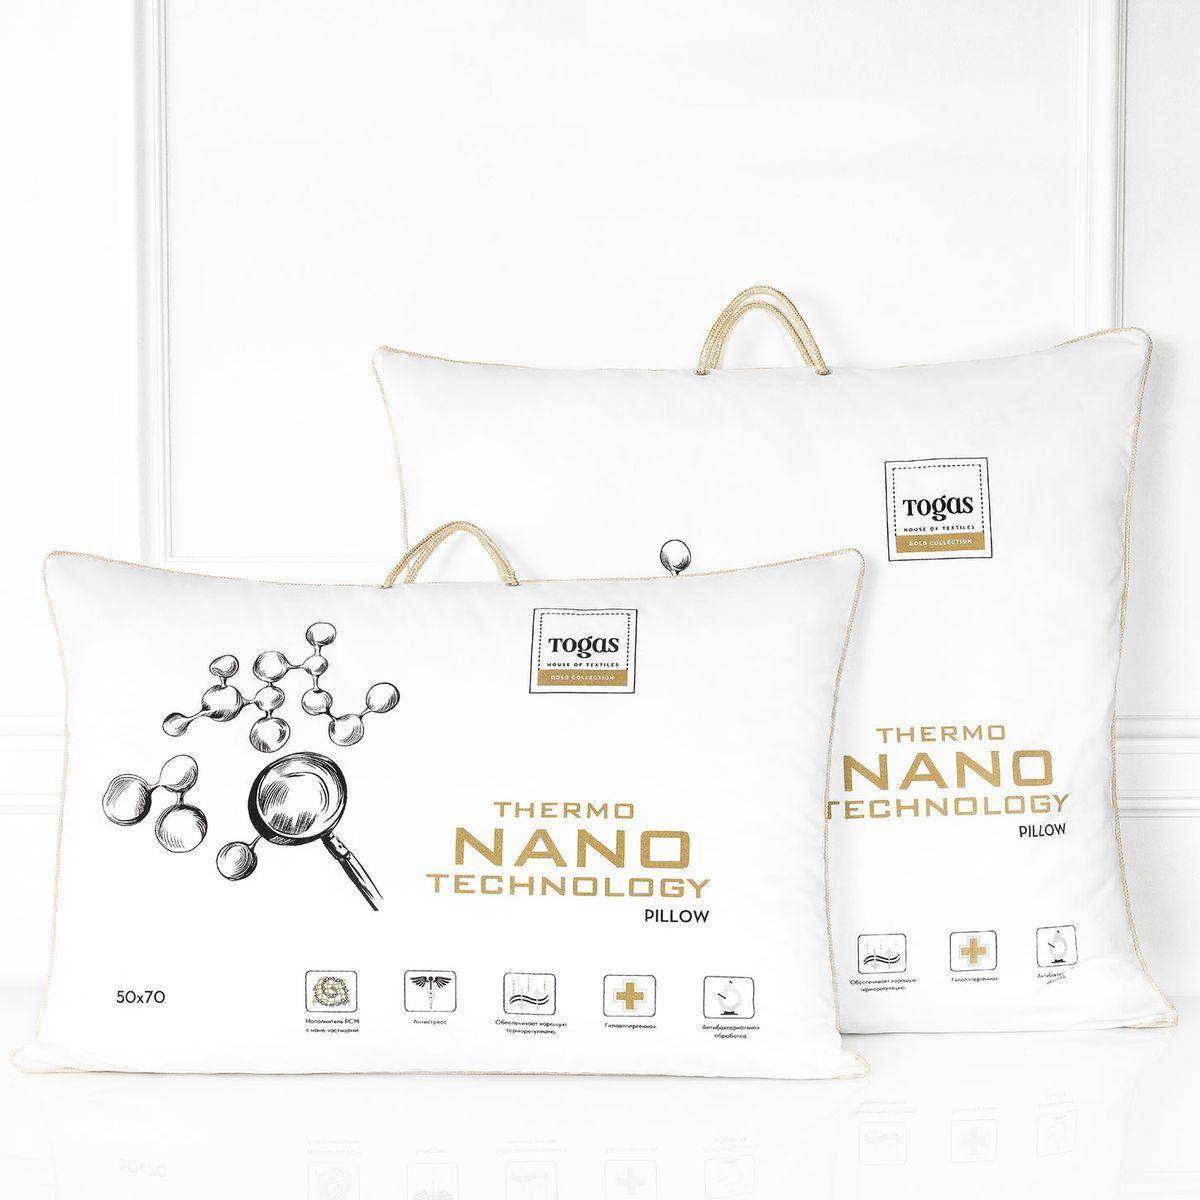 """Подушка Нано микрофайбер с микрокапсулами нано. 20.05.18.00101092029Комфортная темпетатура тела во время сна - важная составляющая комфорта. В идеальных условиях тело расслабляется и по-настоящему отдыхает, как результат - Вы просыпаетесь отдохнувшим и бодрым, готовым к новым свершениям. накоплению усталости и стрессам. Чтобы этого избежать, правильно выбирайте постельные принадлежности. """"Микрофайбер с микрогранулами НАНО"""" - подушка с """"климатконтролем"""". Она «подстраивается» под различные температурные условия, регулируя температуру тела во время сна, наполняя Вас ощущением легкости и комфорта."""